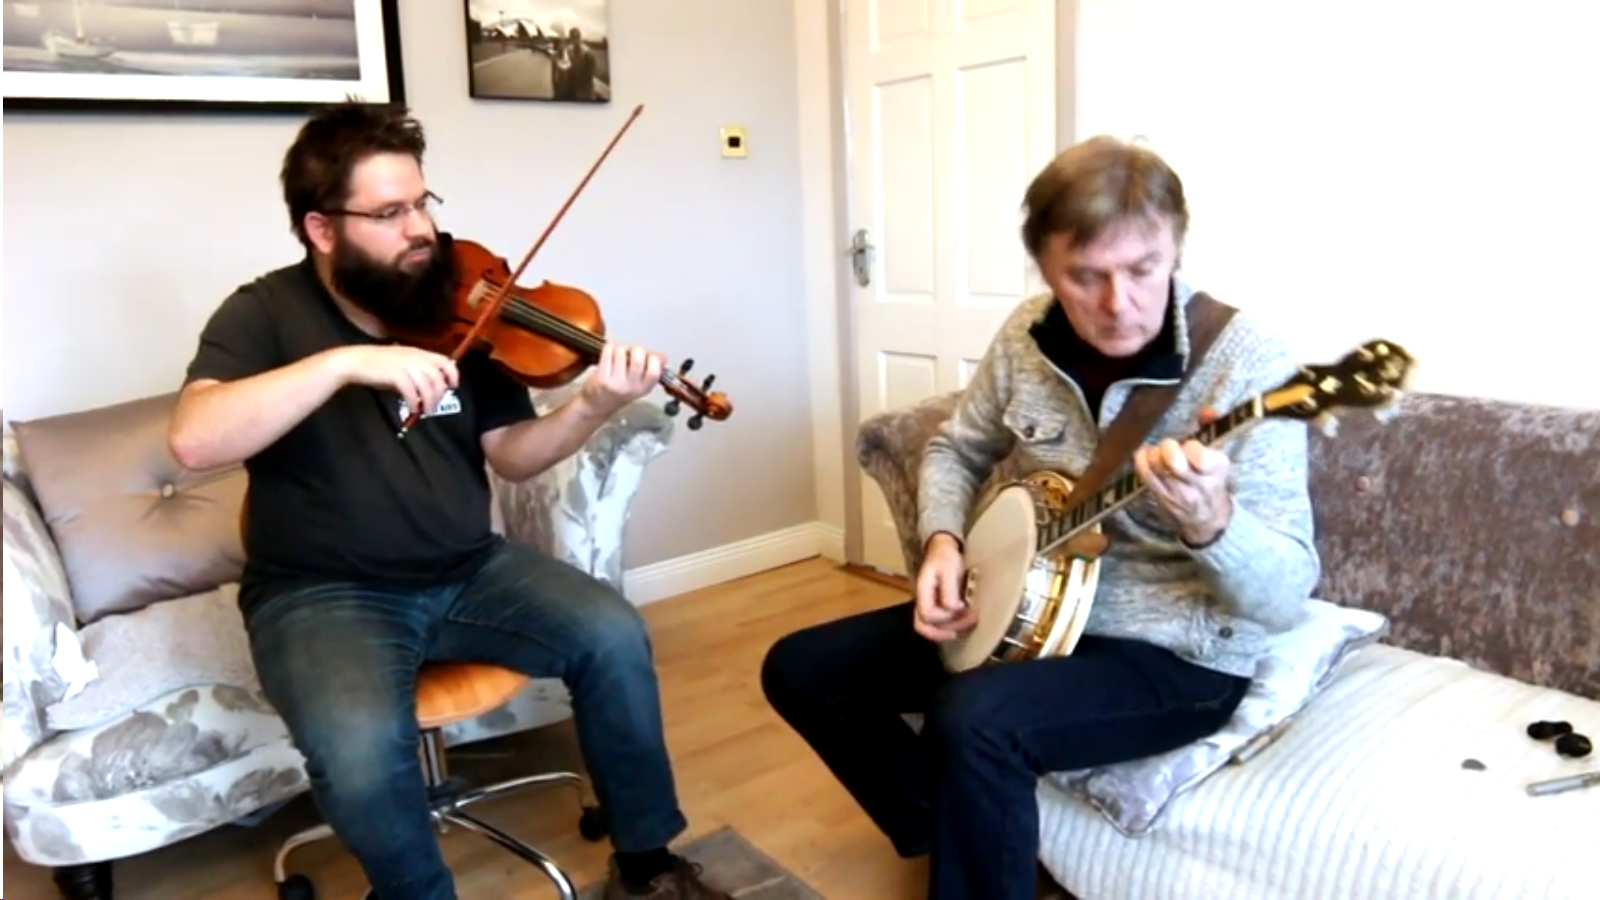 Gerry O'Connor – G minor Jam